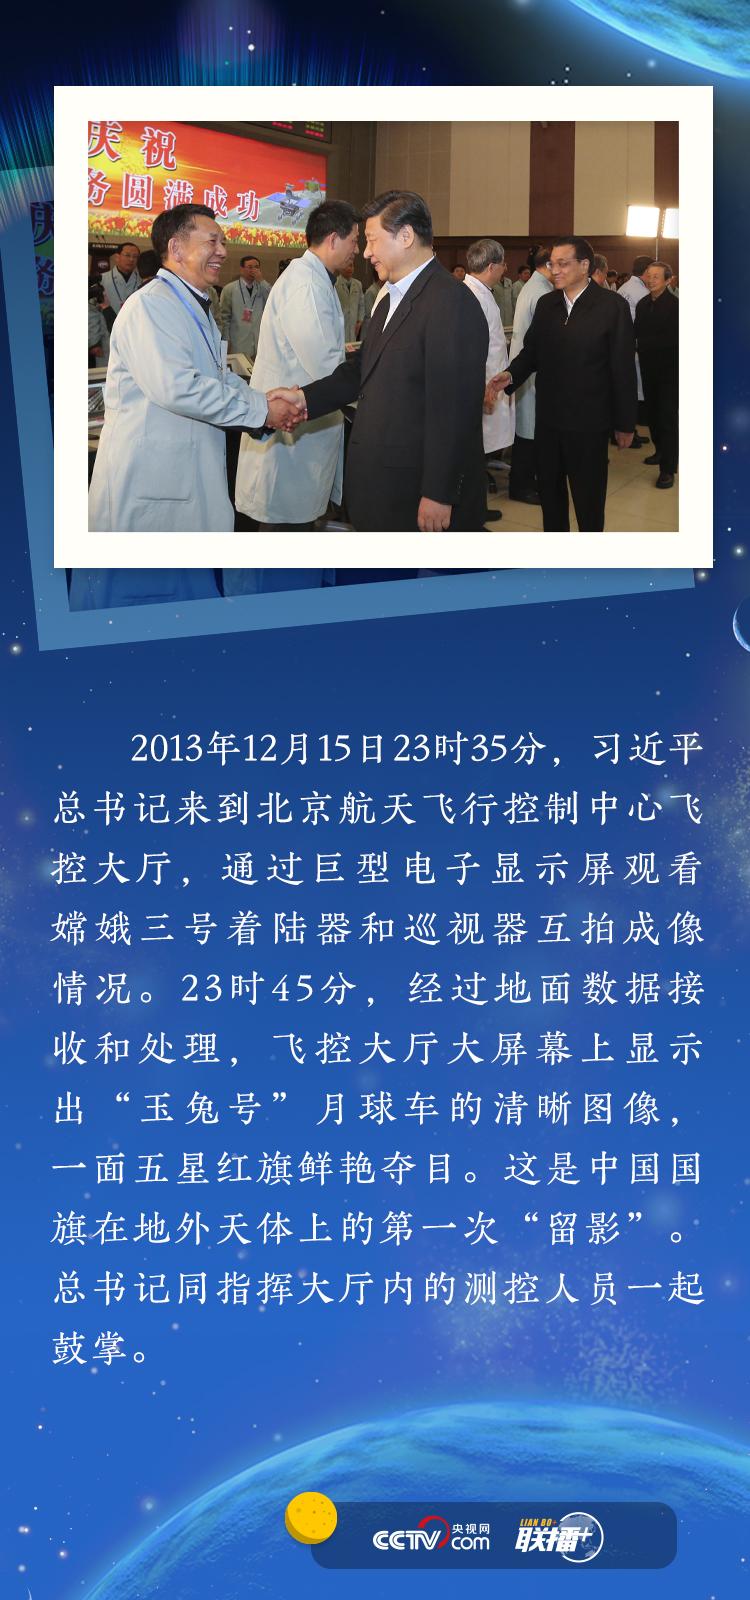 2020年南阳市规上工业增加值营收高于河南省